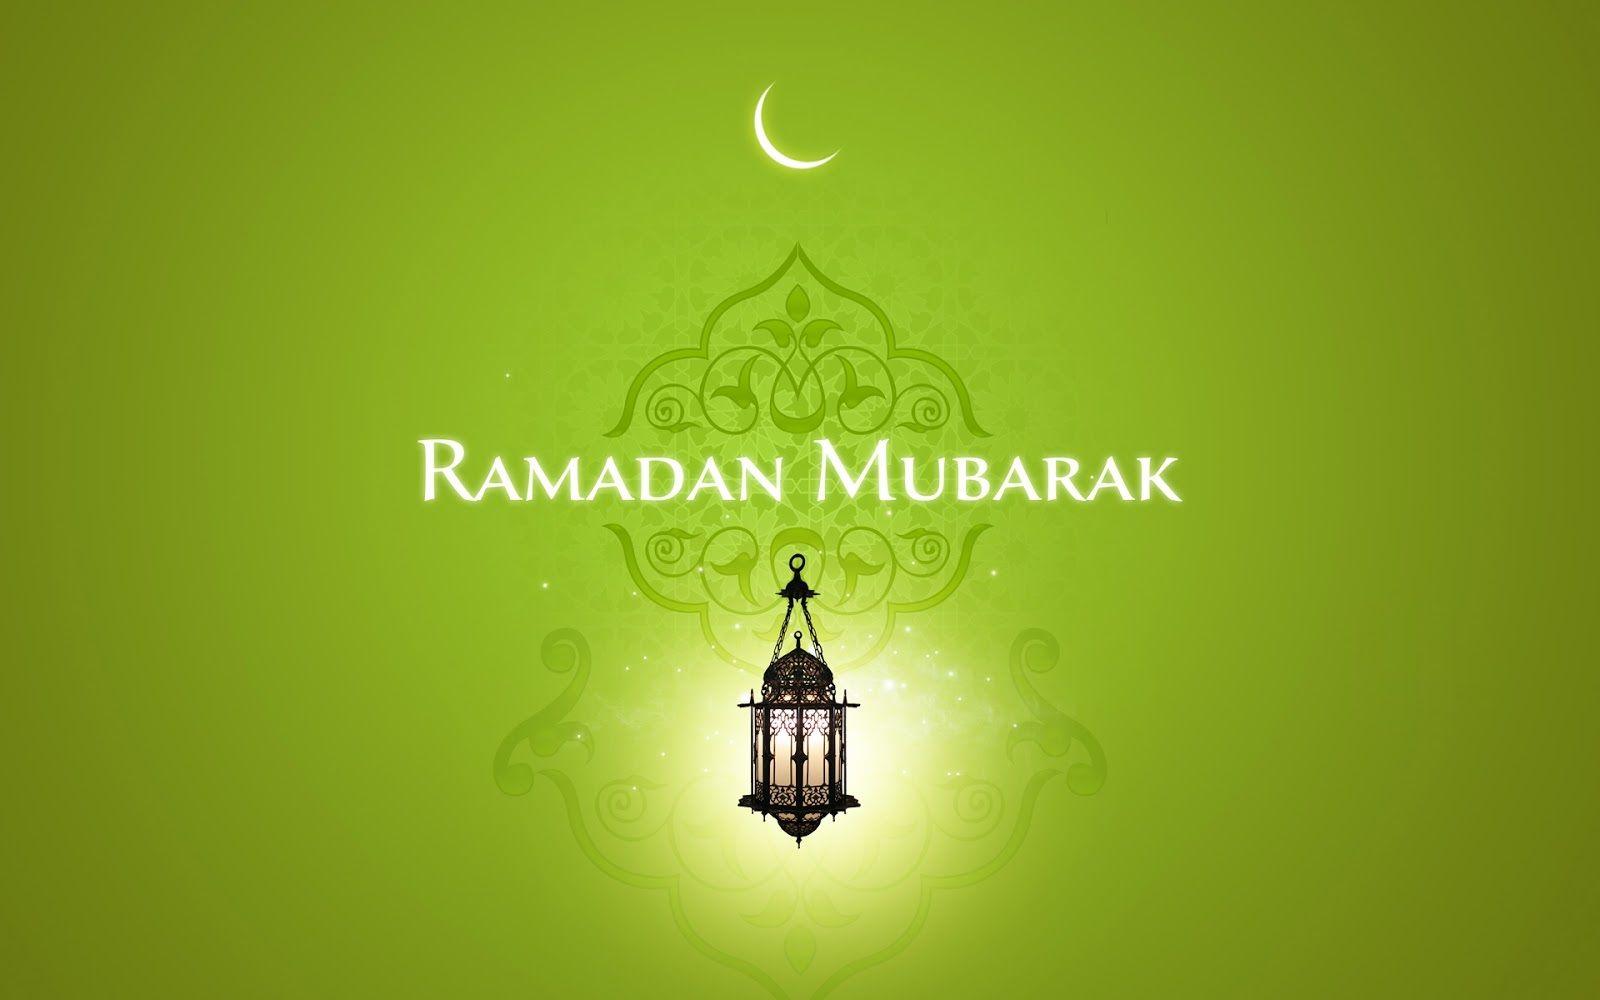 رمضان كريم و كل عام وانتم بخير Ramadan Wallpaper Hd Eid Mubarak Wallpaper Ramadan Images